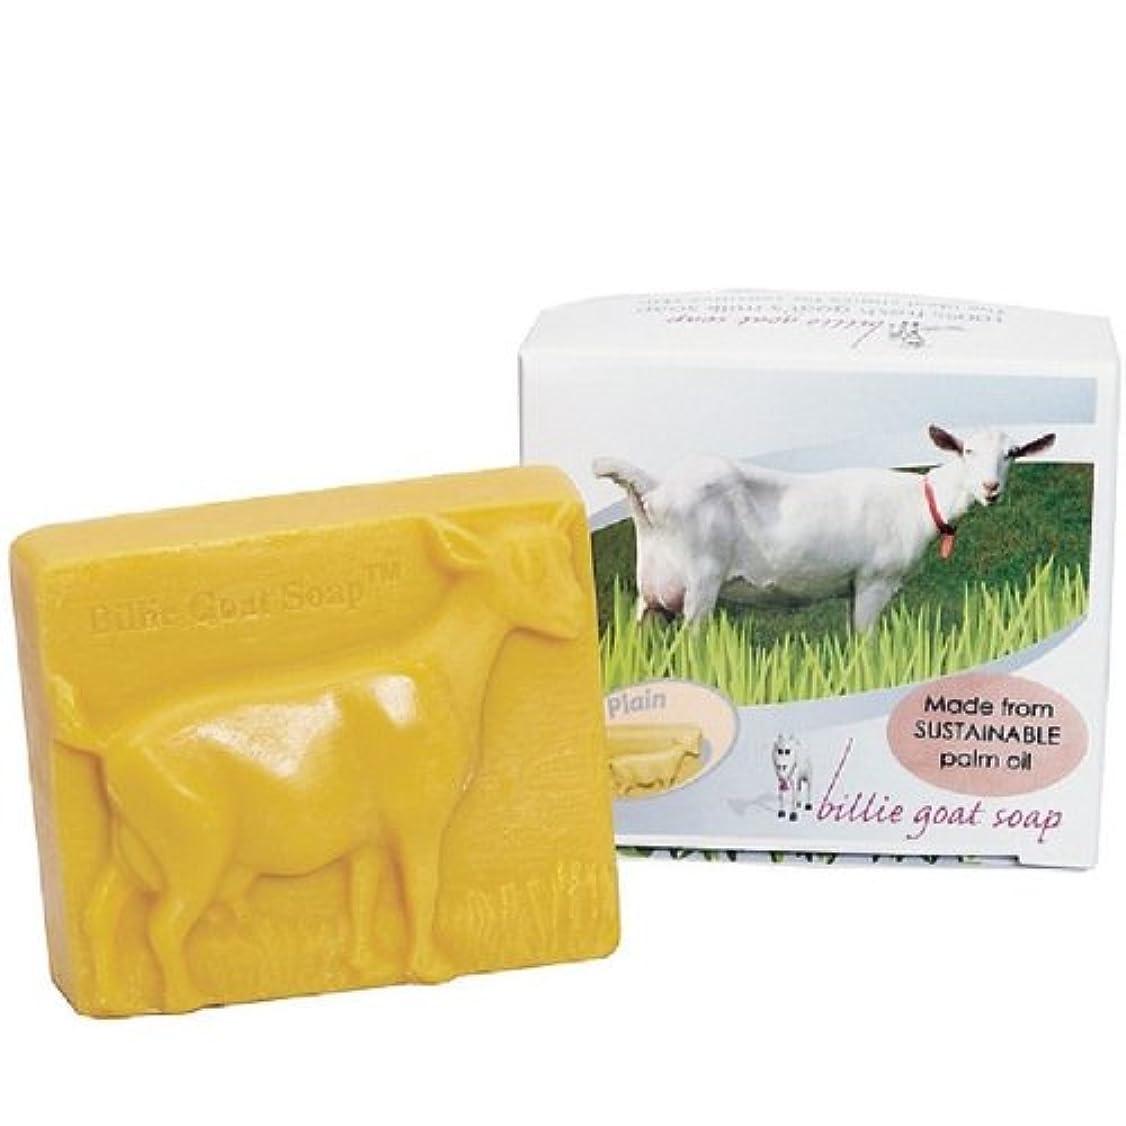 啓発する組み合わせる対処する【BILLIE GOAT SOAP】ビリーゴートミルクソープ 3個セット パームオイル使用 プレーン